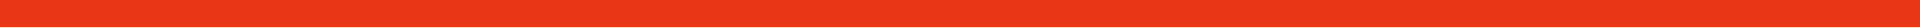 banner - red.jpg